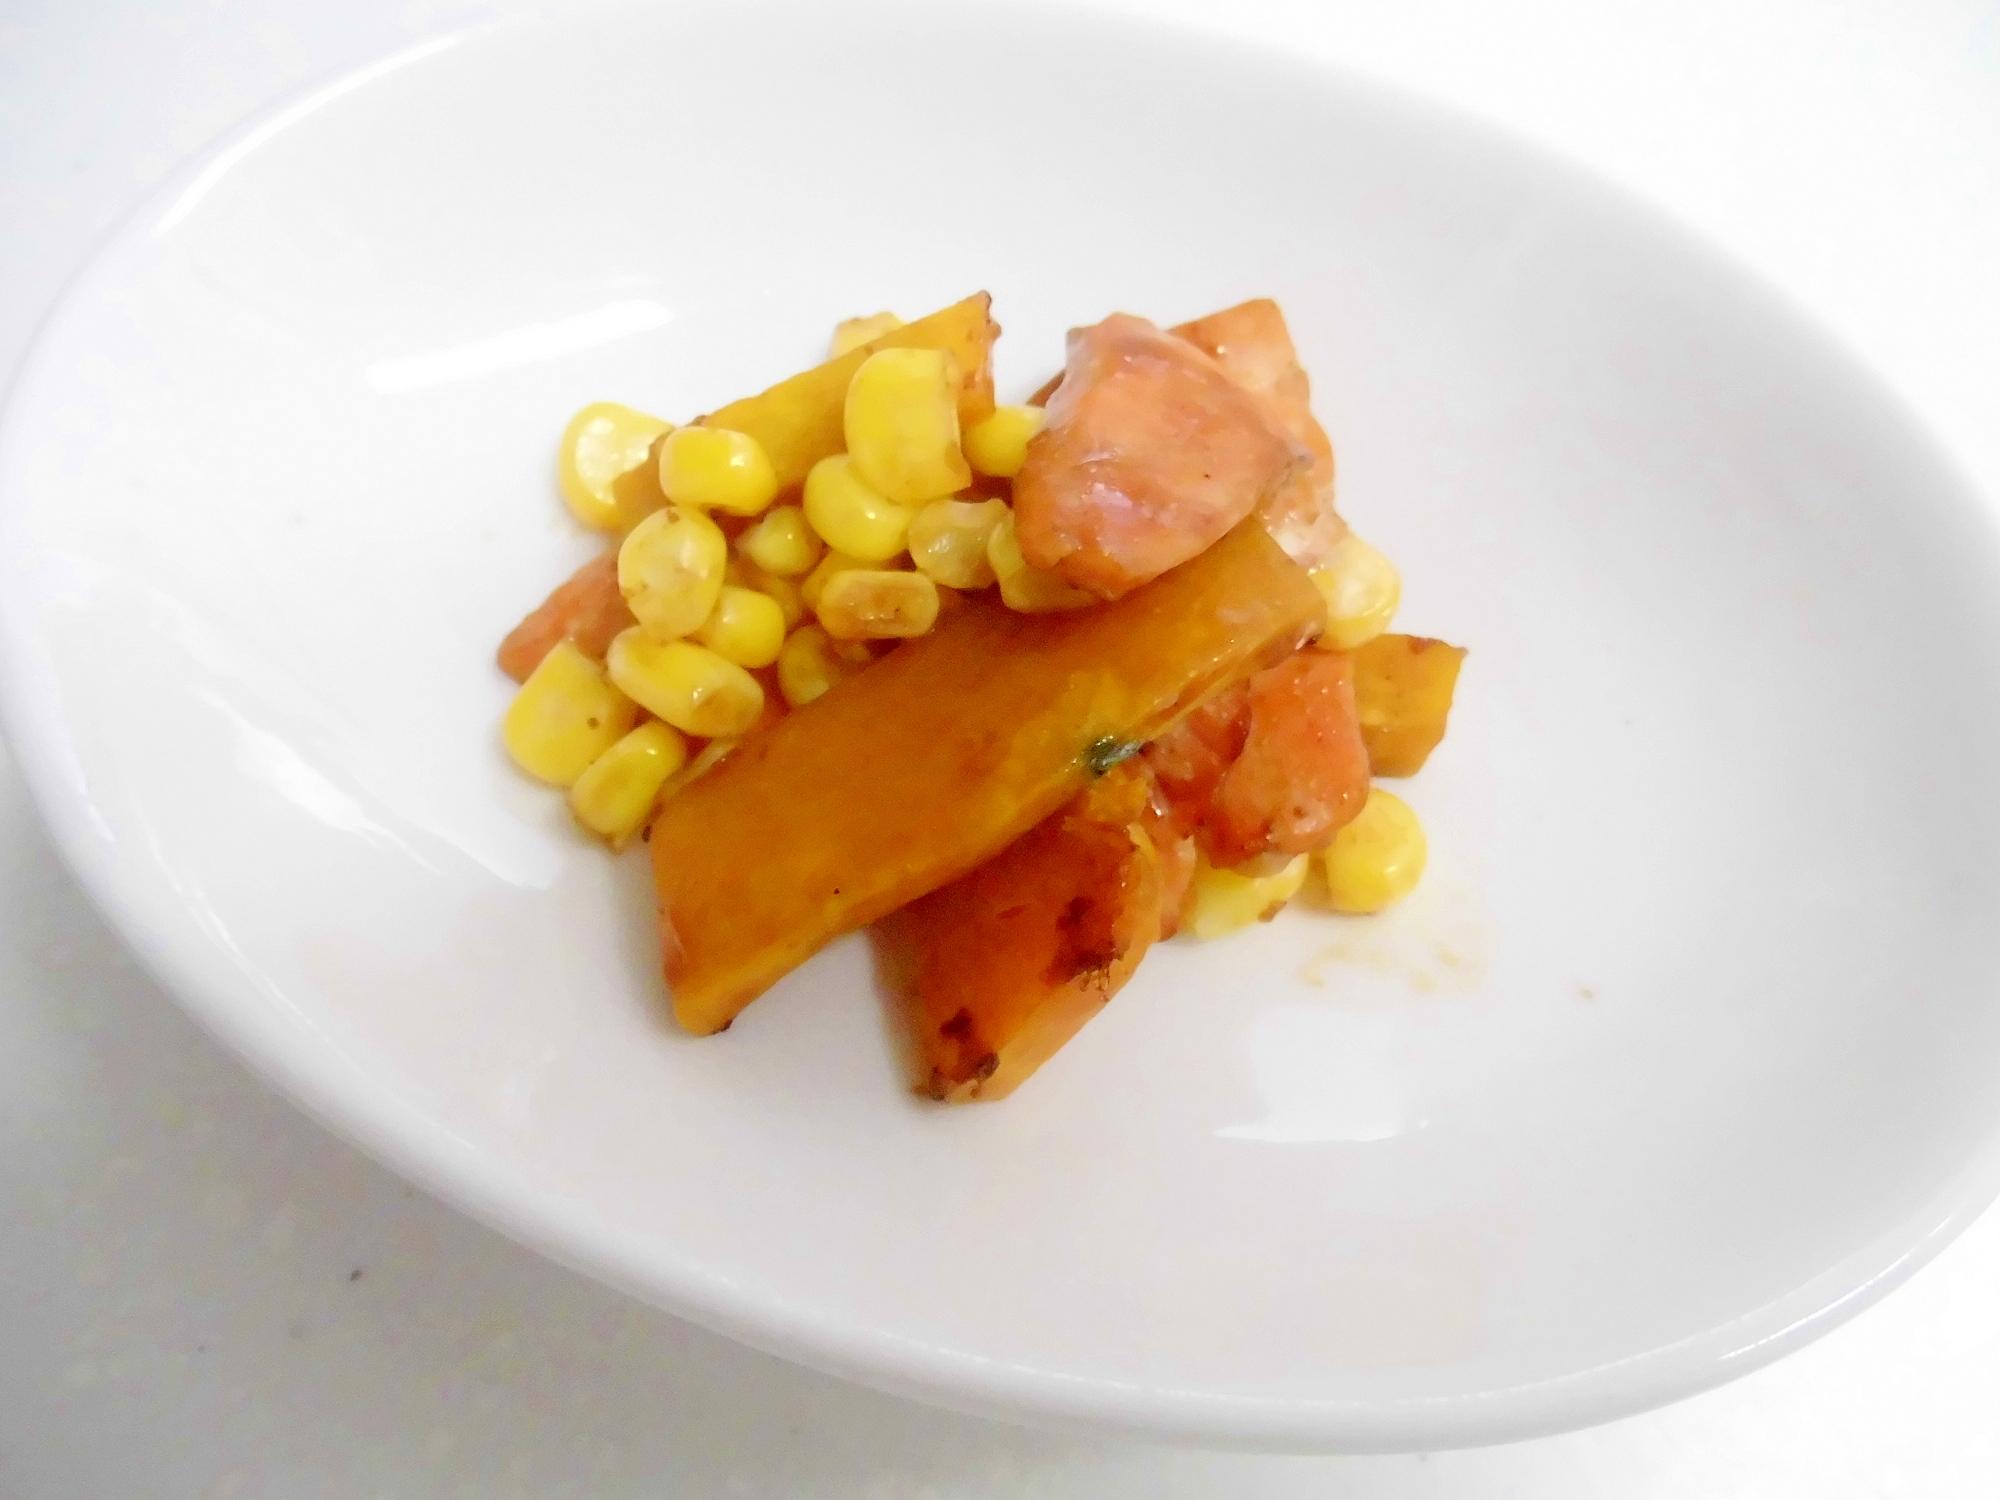 鮭とかぼちゃととうもろこしのバターソース炒め